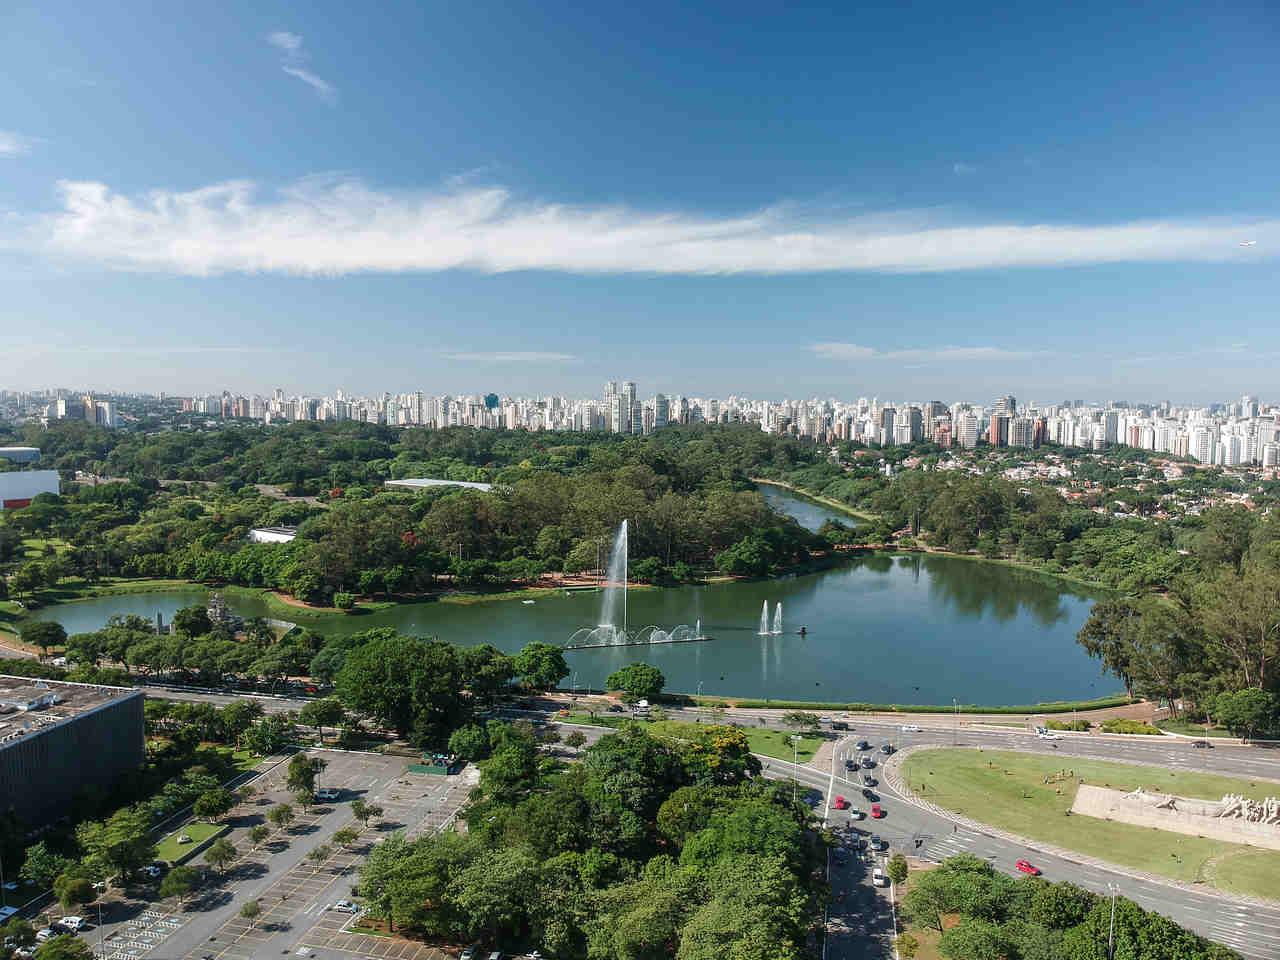 parque ibirapuera em sao paulo